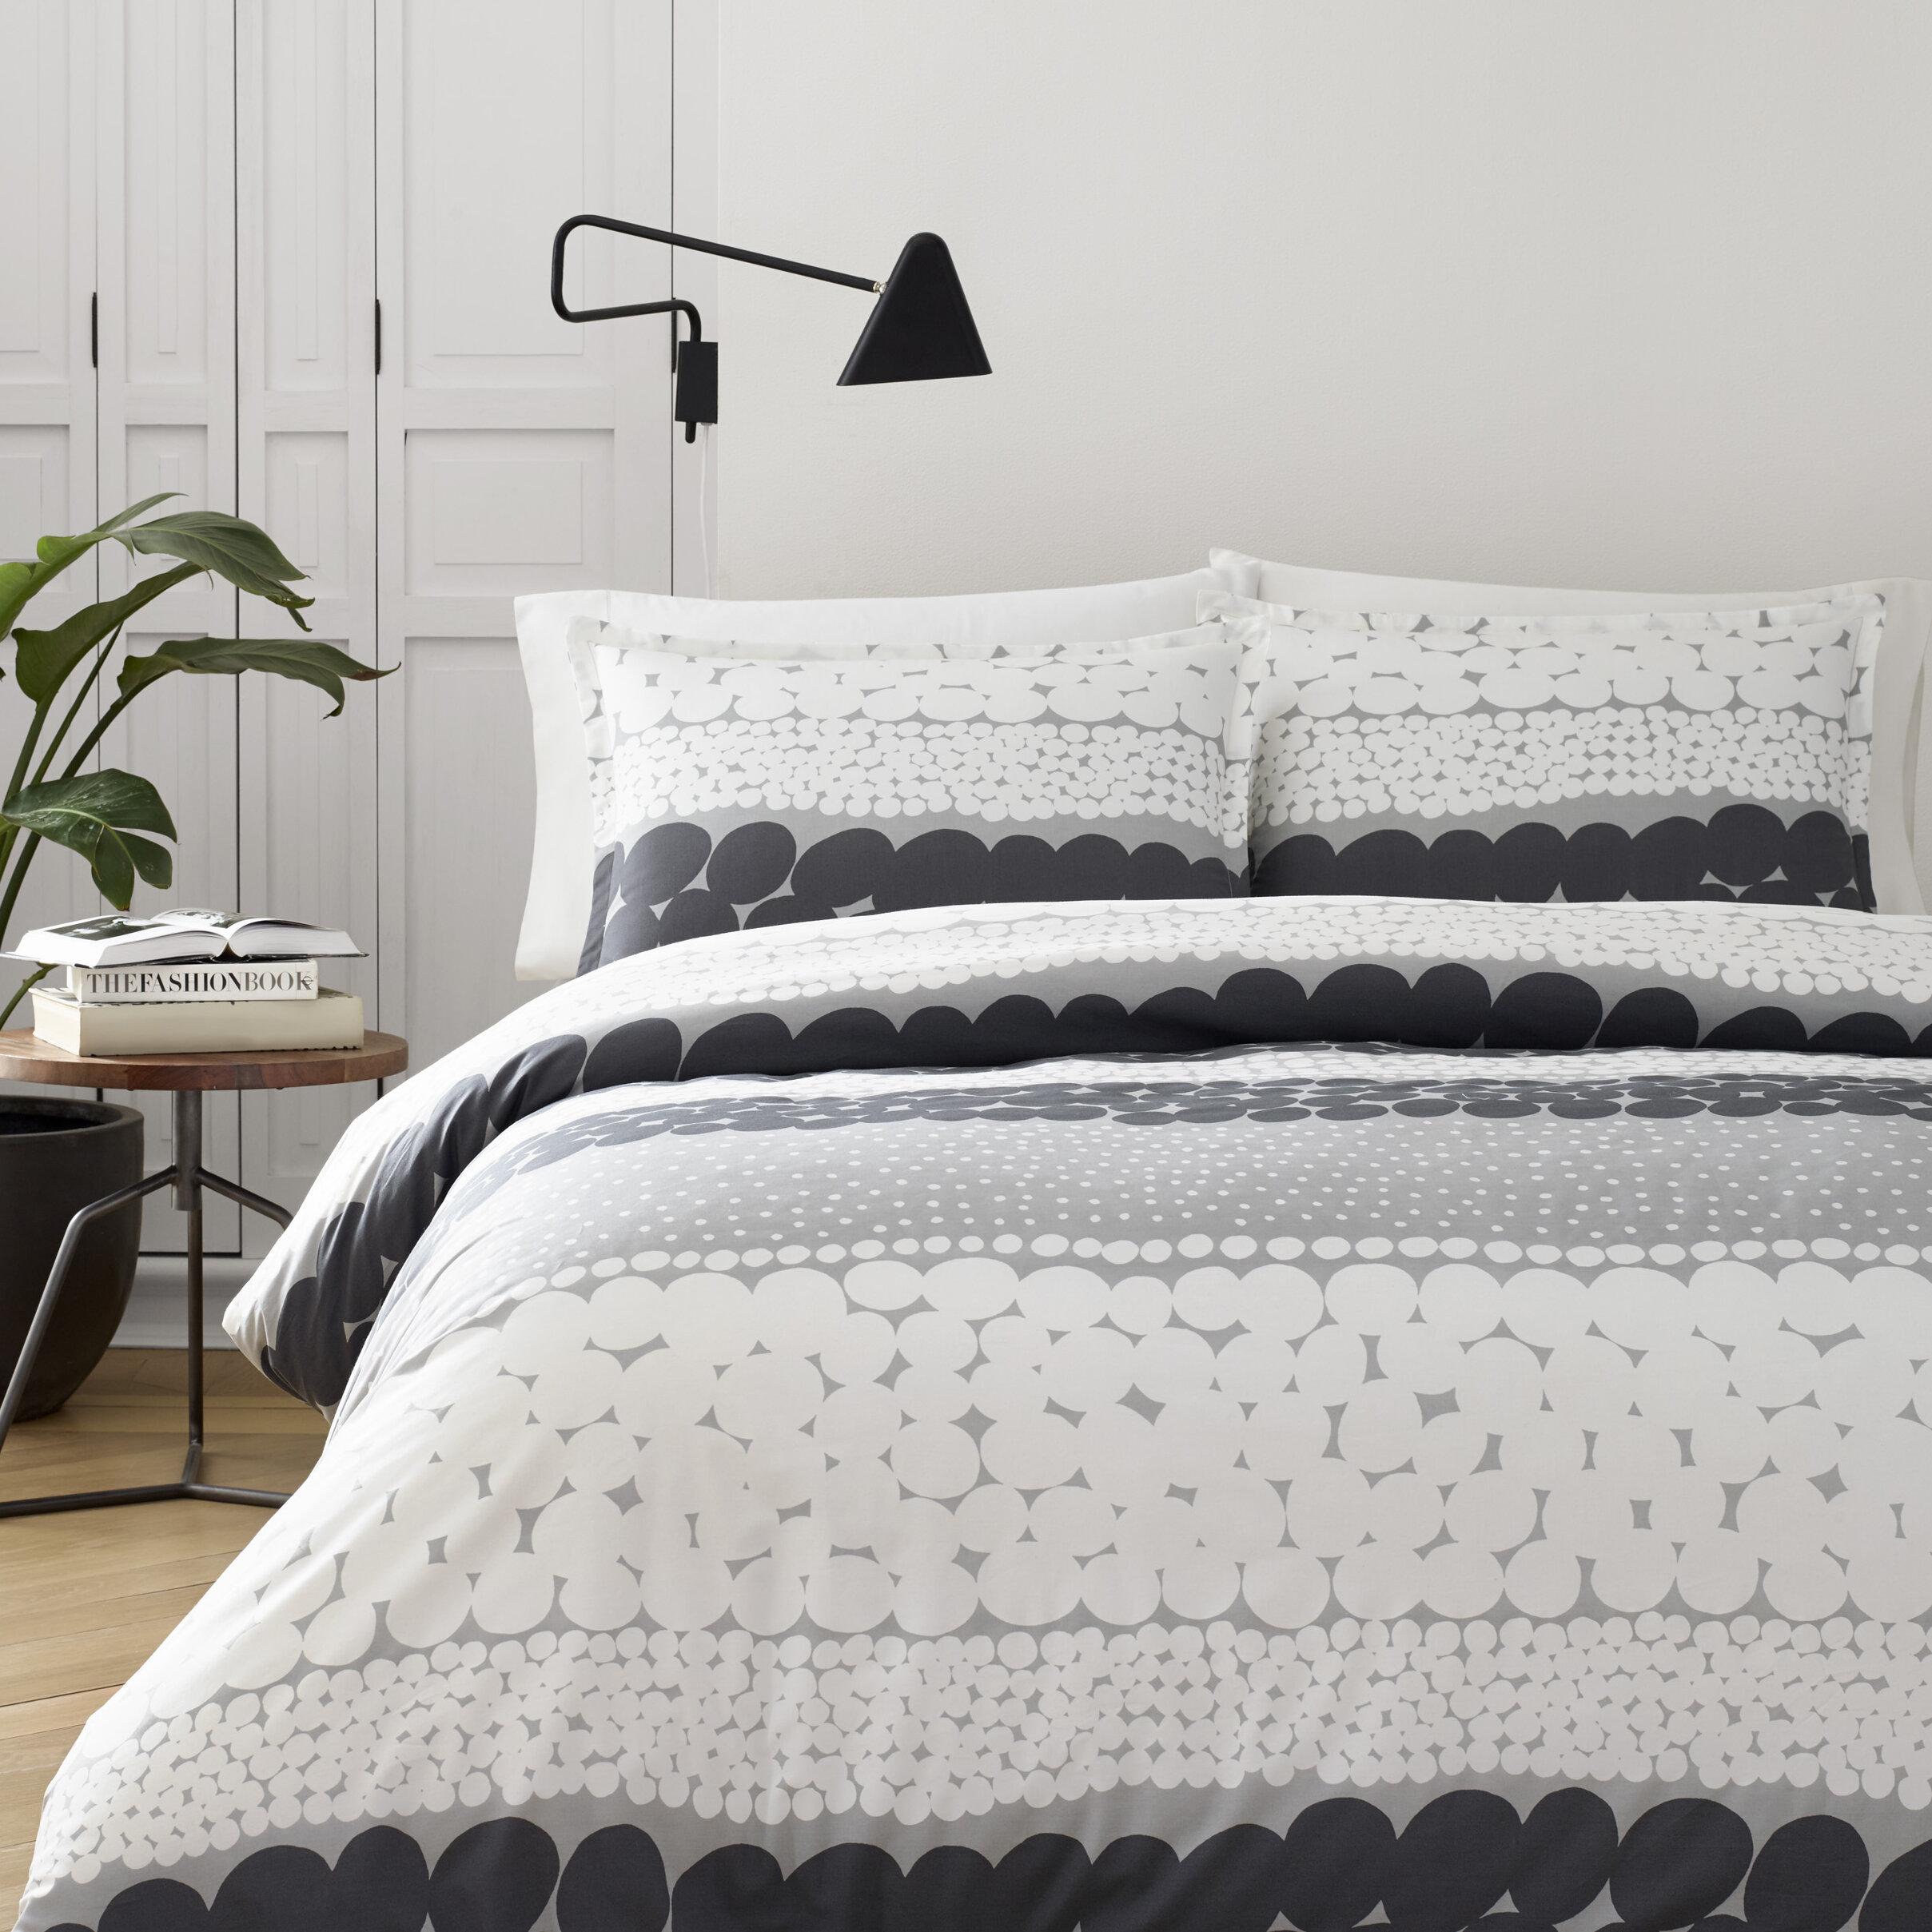 happy bed scandinavian marimekko bedding modern a inspired grey lucky bedroom